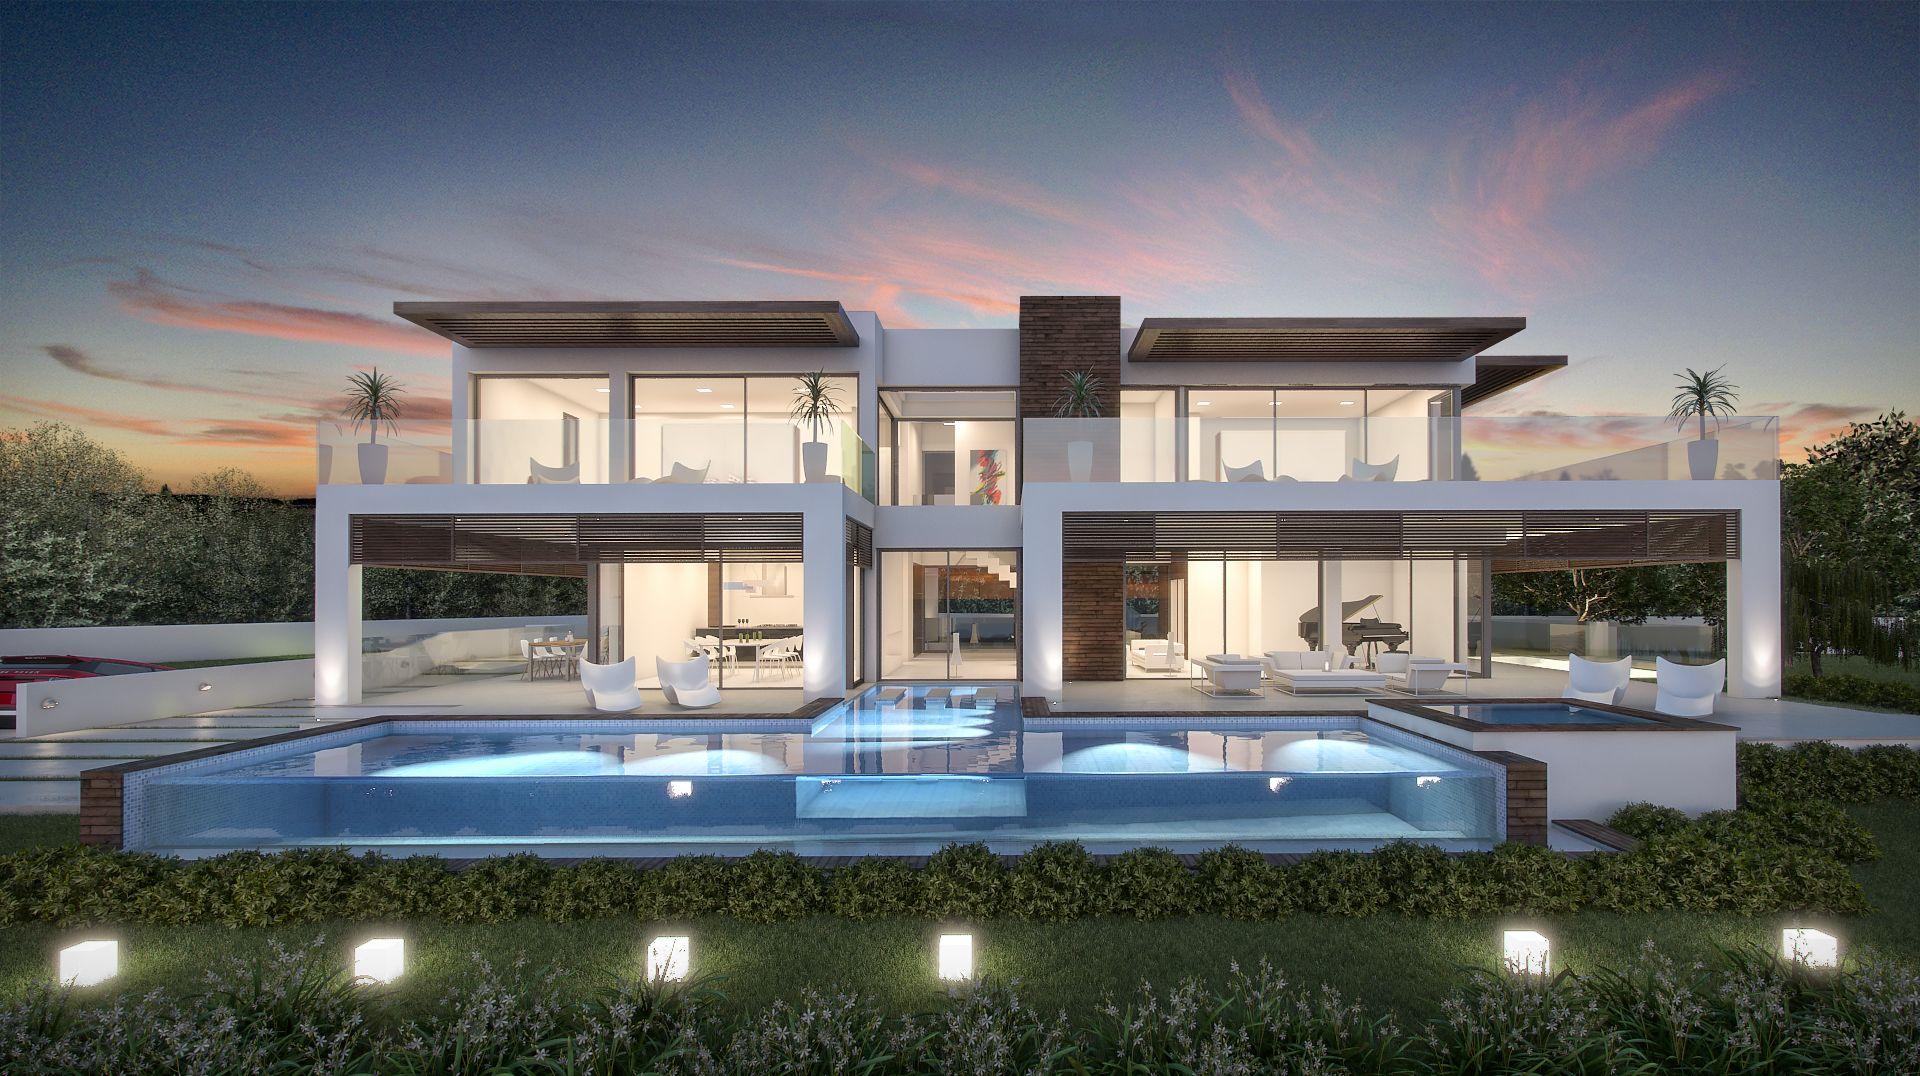 Contemporary Villa Designed And Developed By Nok In La Cerquilla